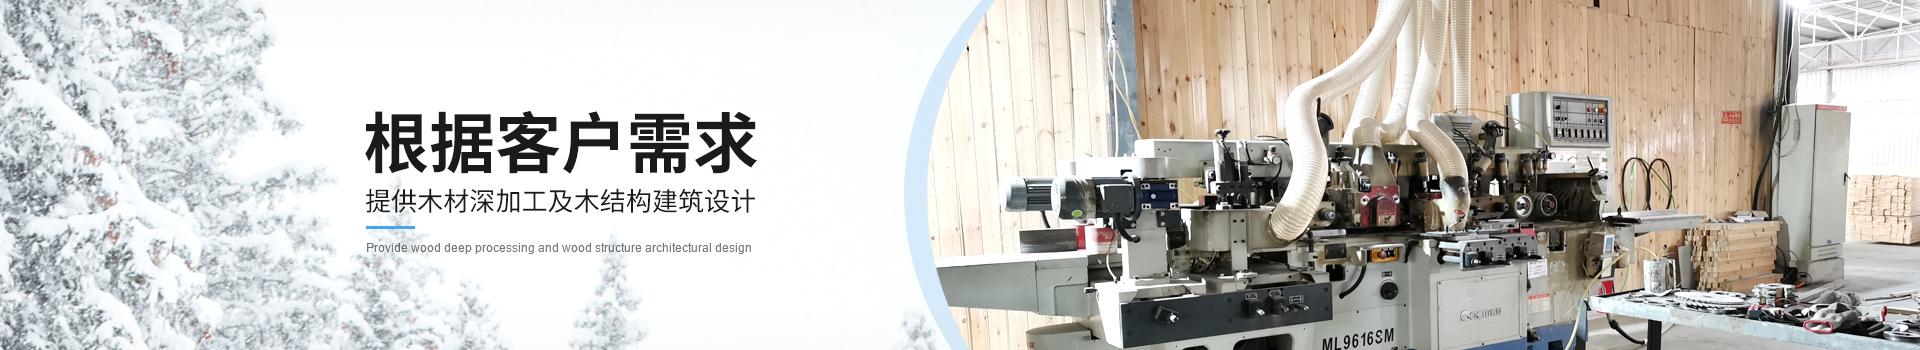 新弘瑞森,根据客户需求,提供木材深加工及木结构建筑设计